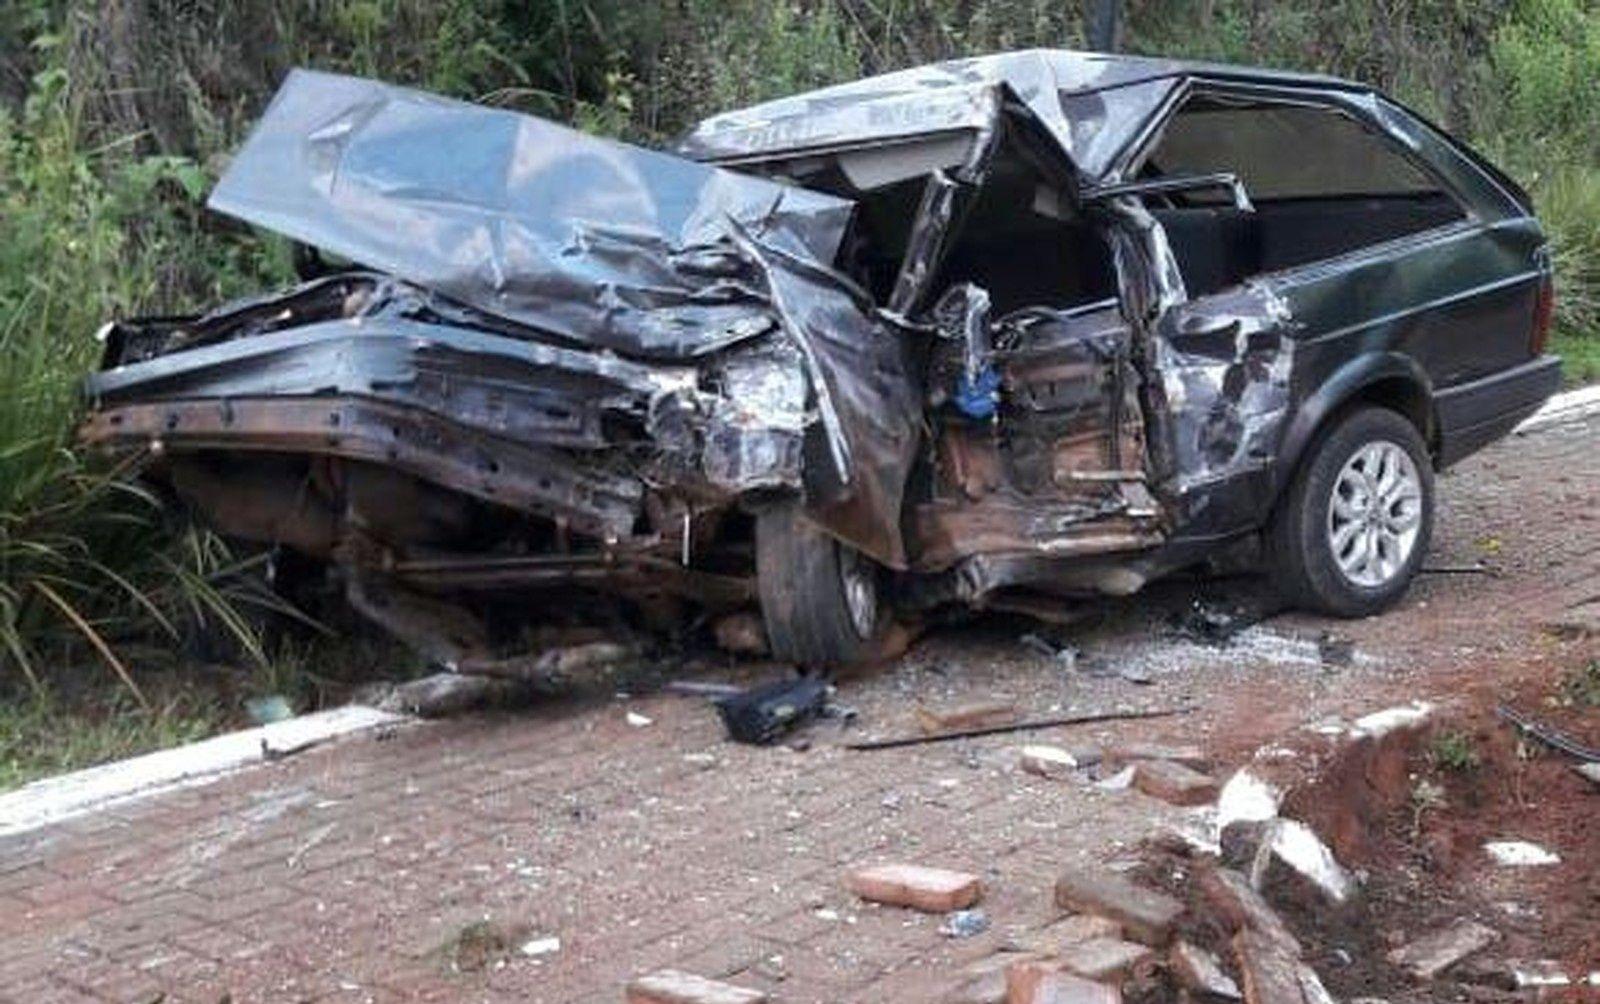 DESTRUÍDA: Parati onde viajava Paulo Silveira, 32, ficou com a frente destruída após a colisão frontal com a Volvo